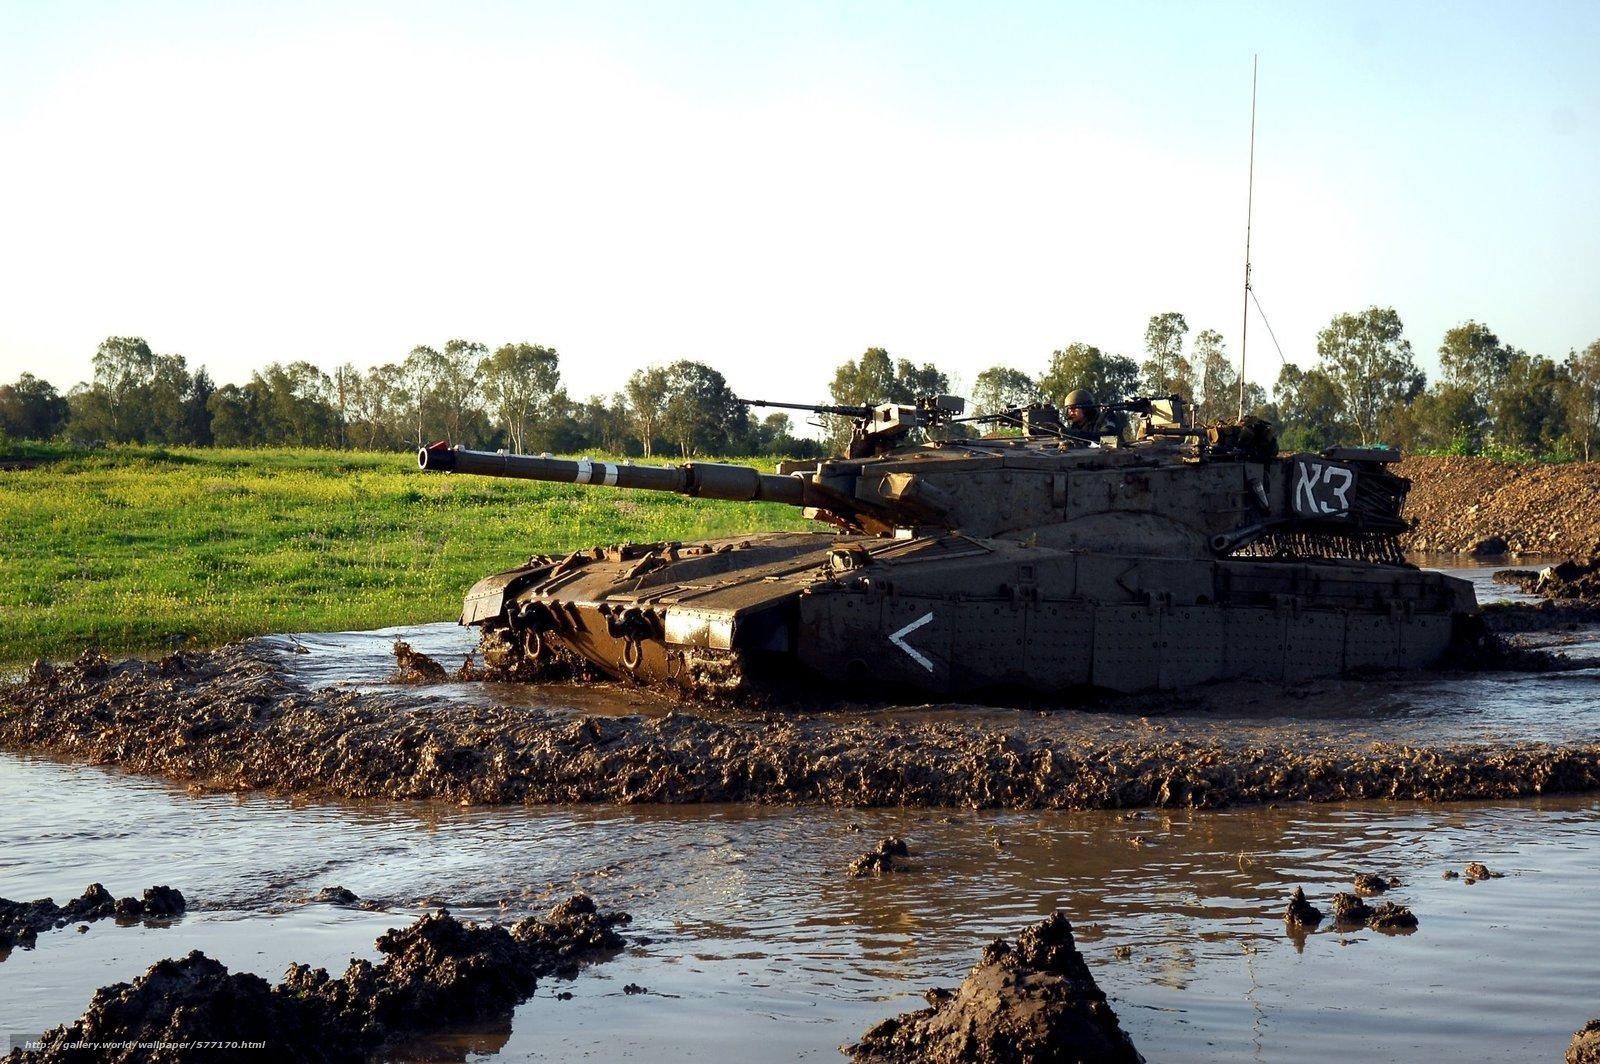 Tlcharger Fond d'ecran Israël,  matériel militaire,  réservoir,  Réservoir Fonds d'ecran gratuits pour votre rsolution du bureau 2048x1362 — image №577170